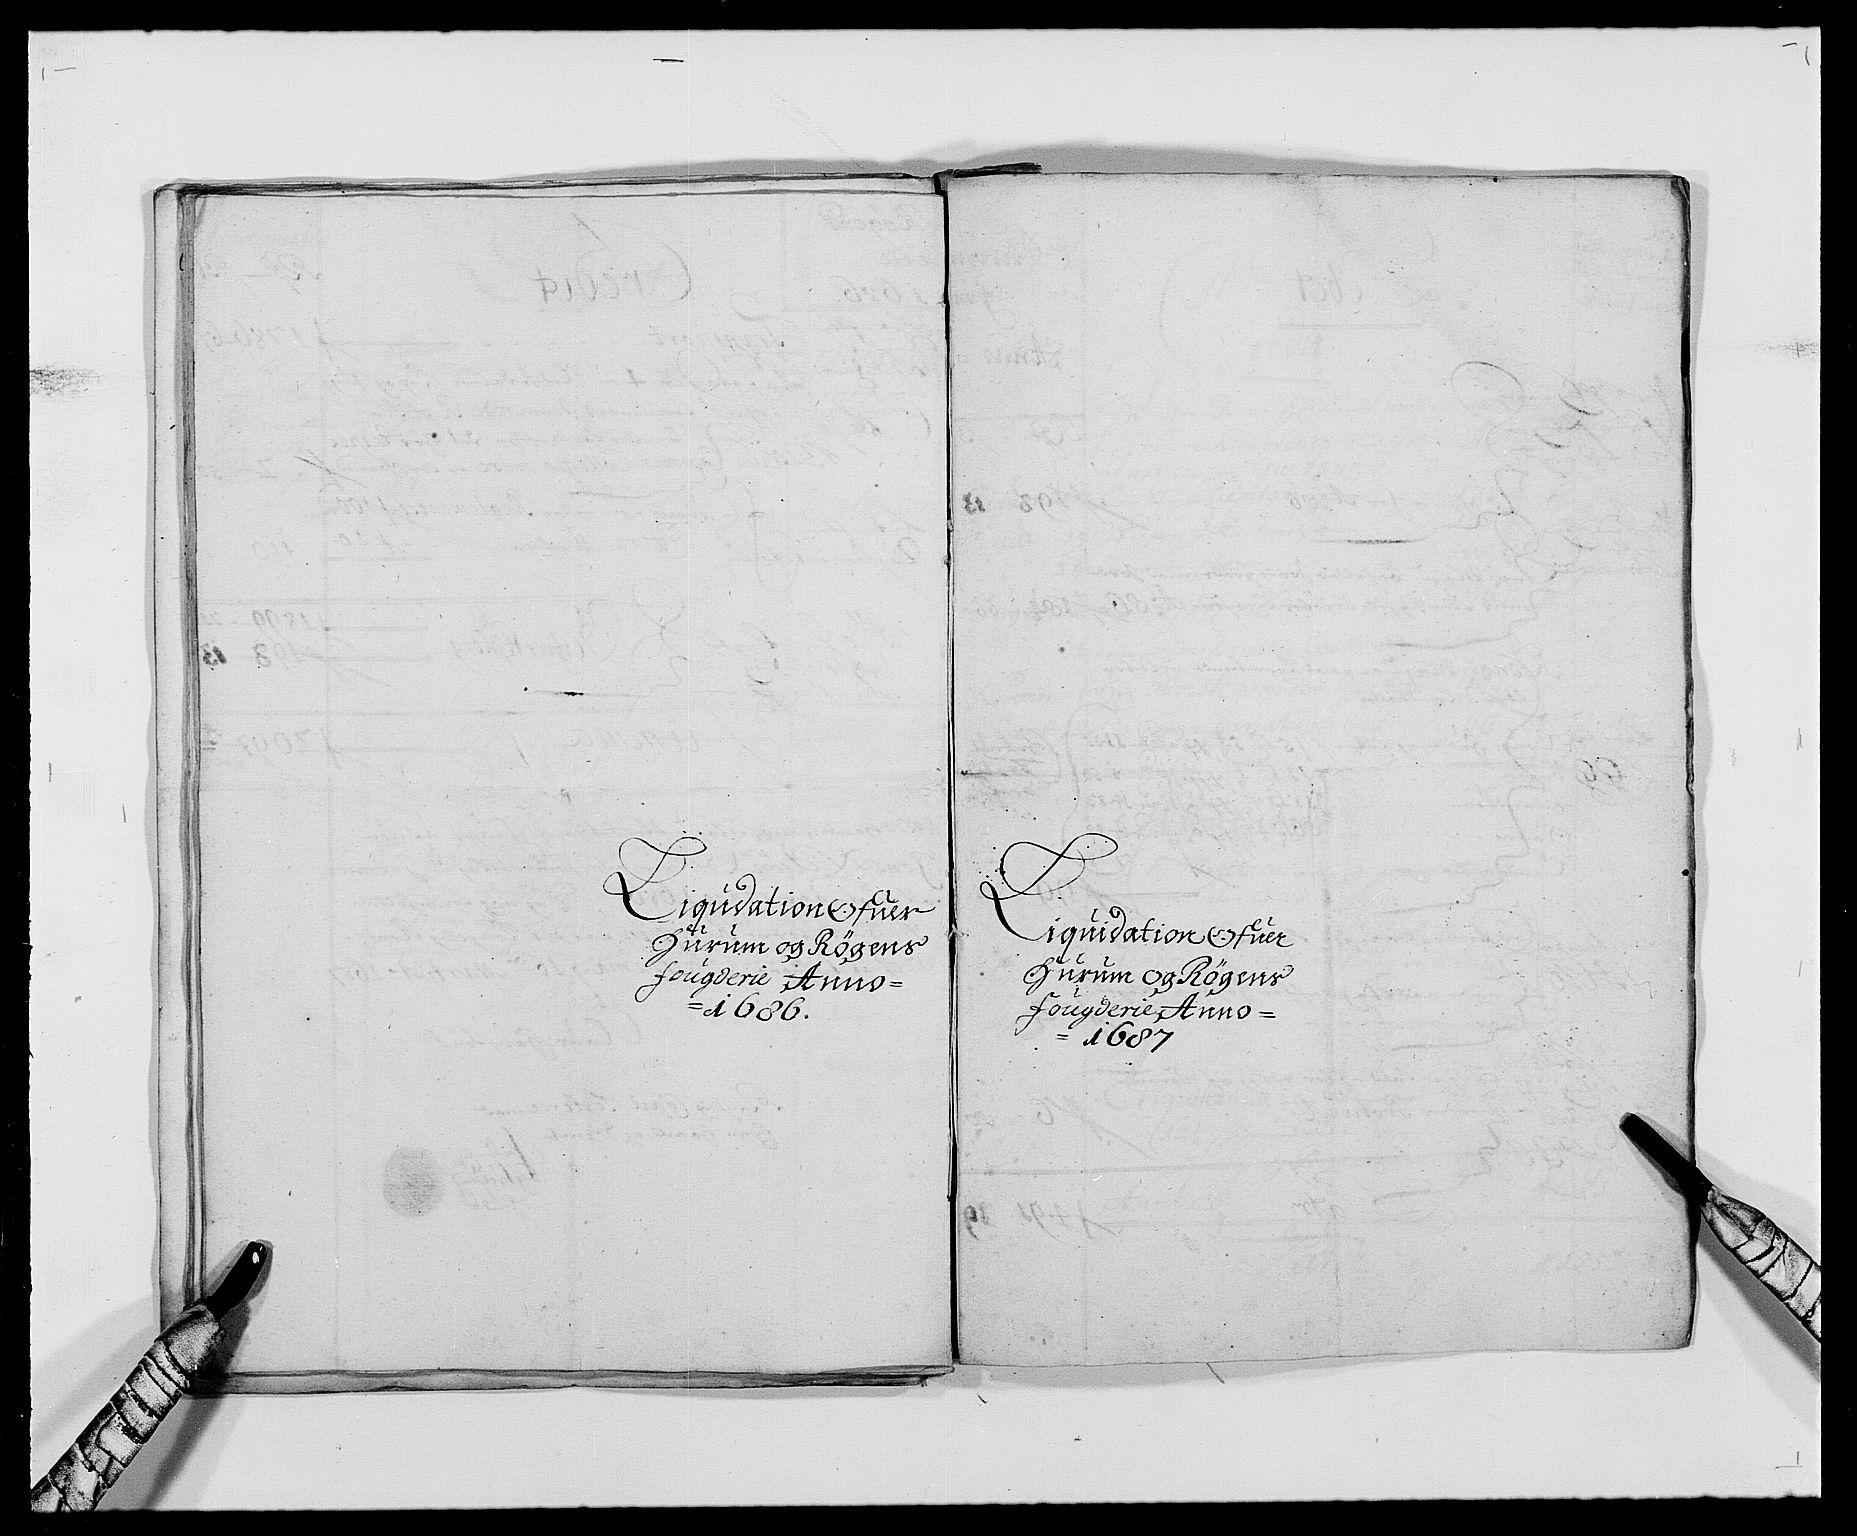 RA, Rentekammeret inntil 1814, Reviderte regnskaper, Fogderegnskap, R29/L1692: Fogderegnskap Hurum og Røyken, 1682-1687, s. 18